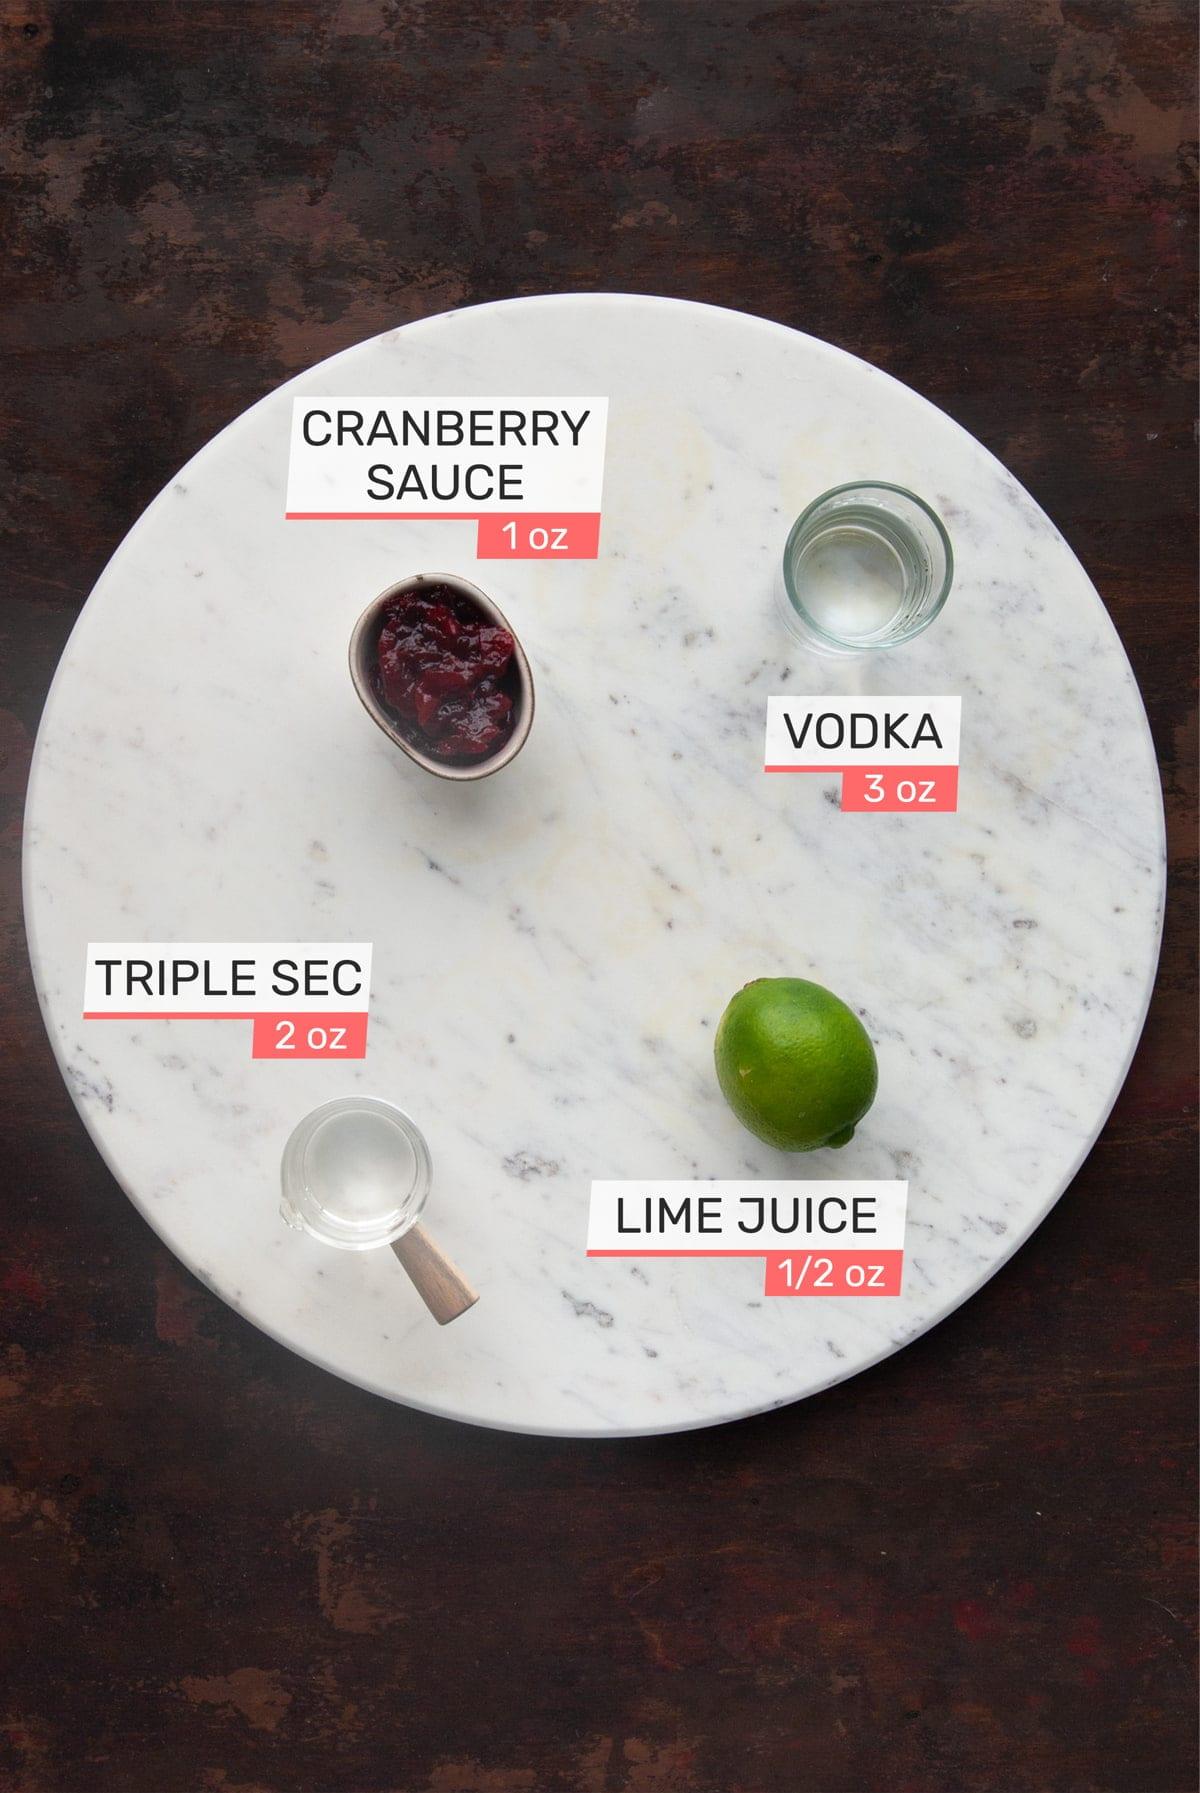 cranberry sauce, vodka, triple sec, and lime juice